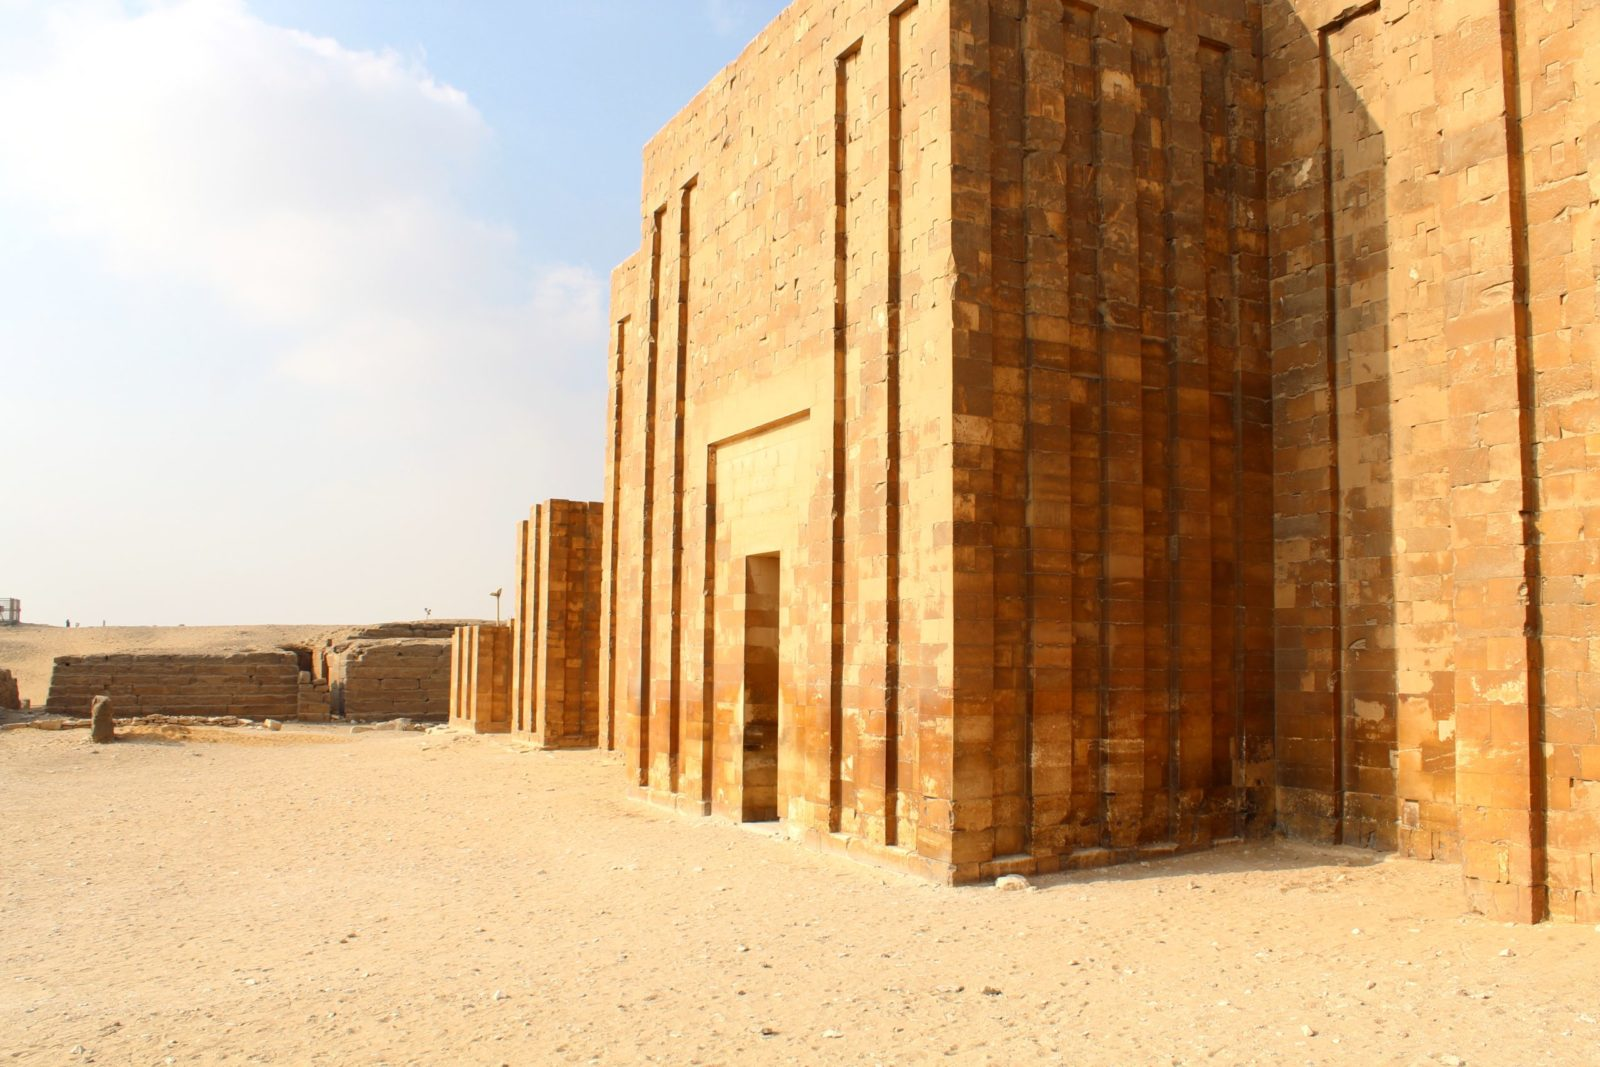 стена в саккара сбоку, египет